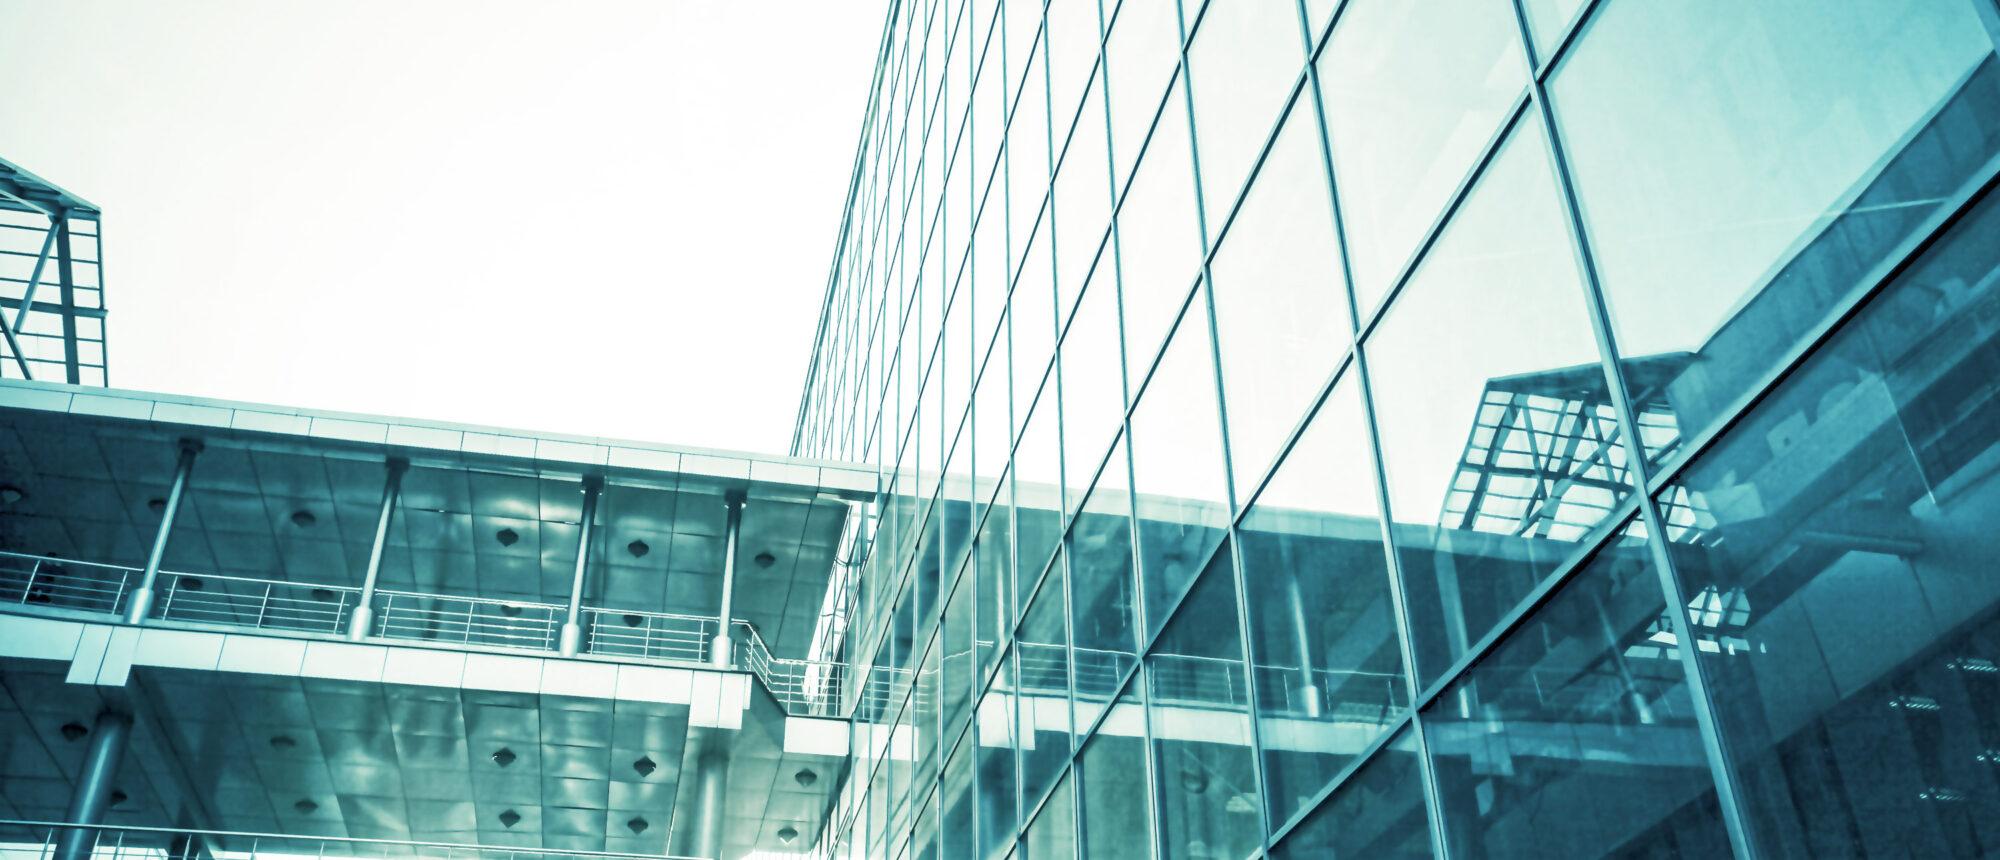 Van 't Hof ook voor vastgoed portefeuille advies en waarde optimalisatie